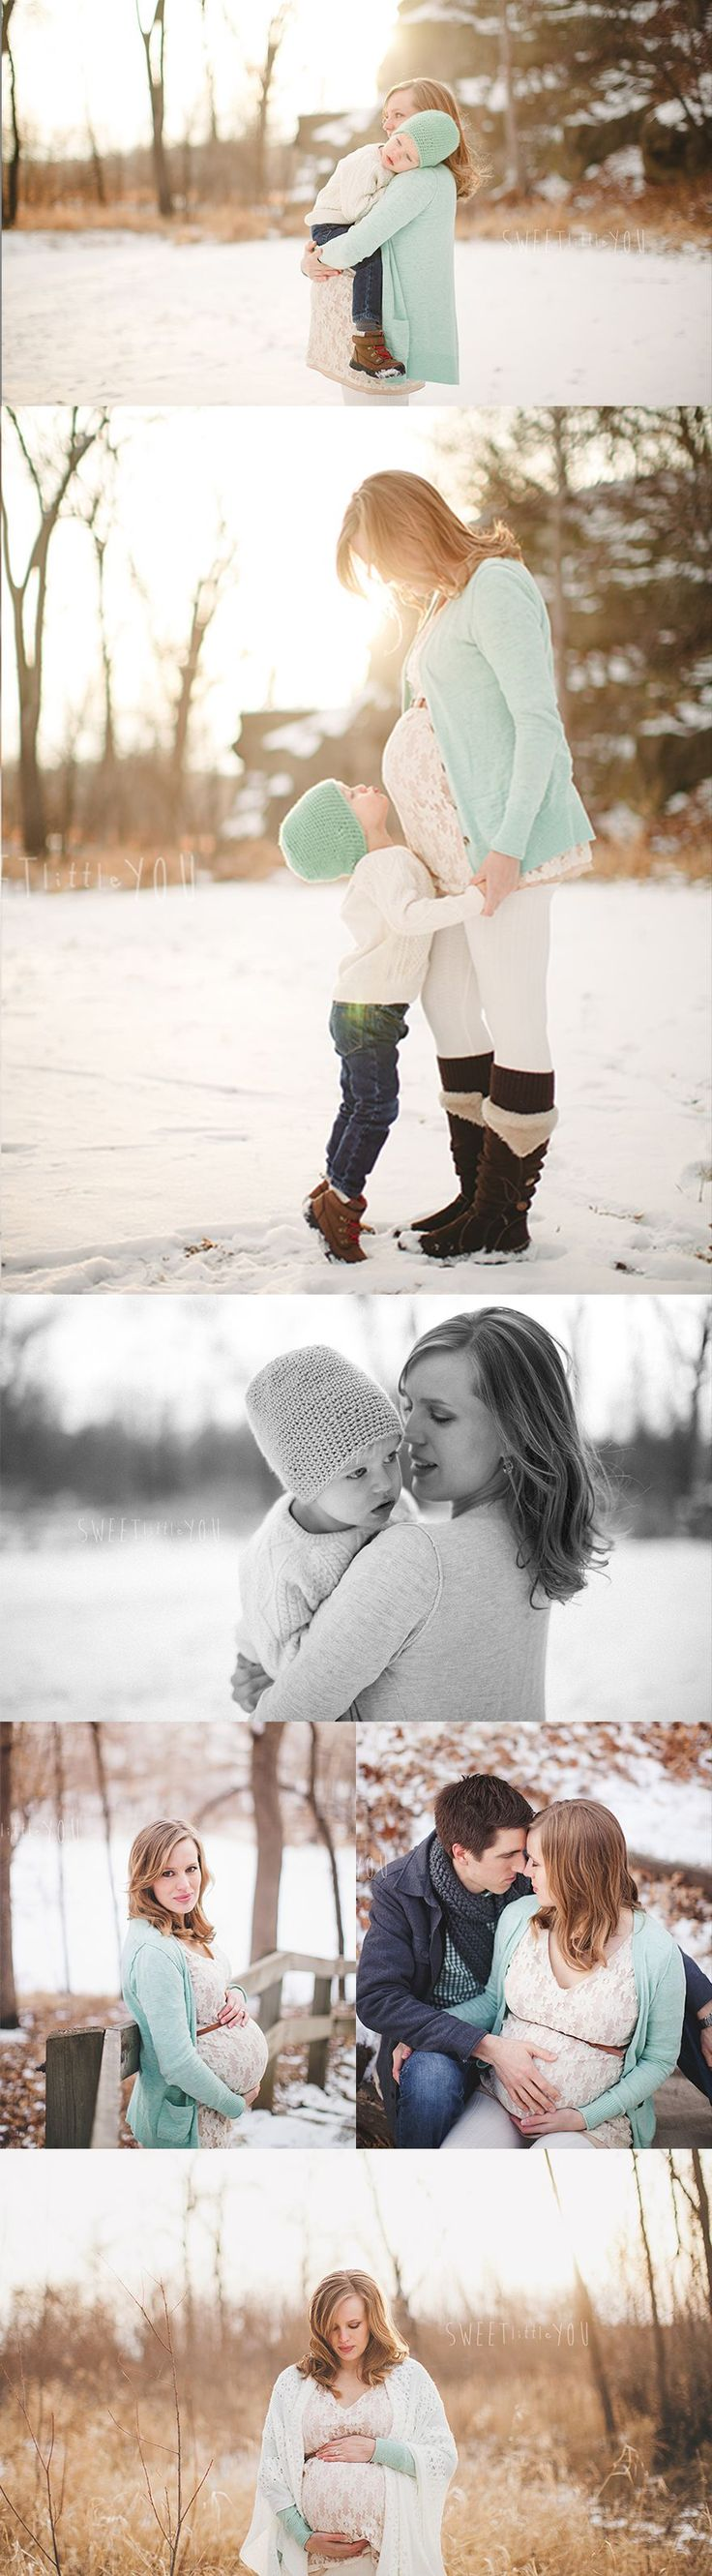 Pasadena Maternity Photographer {Chris + Kayla}